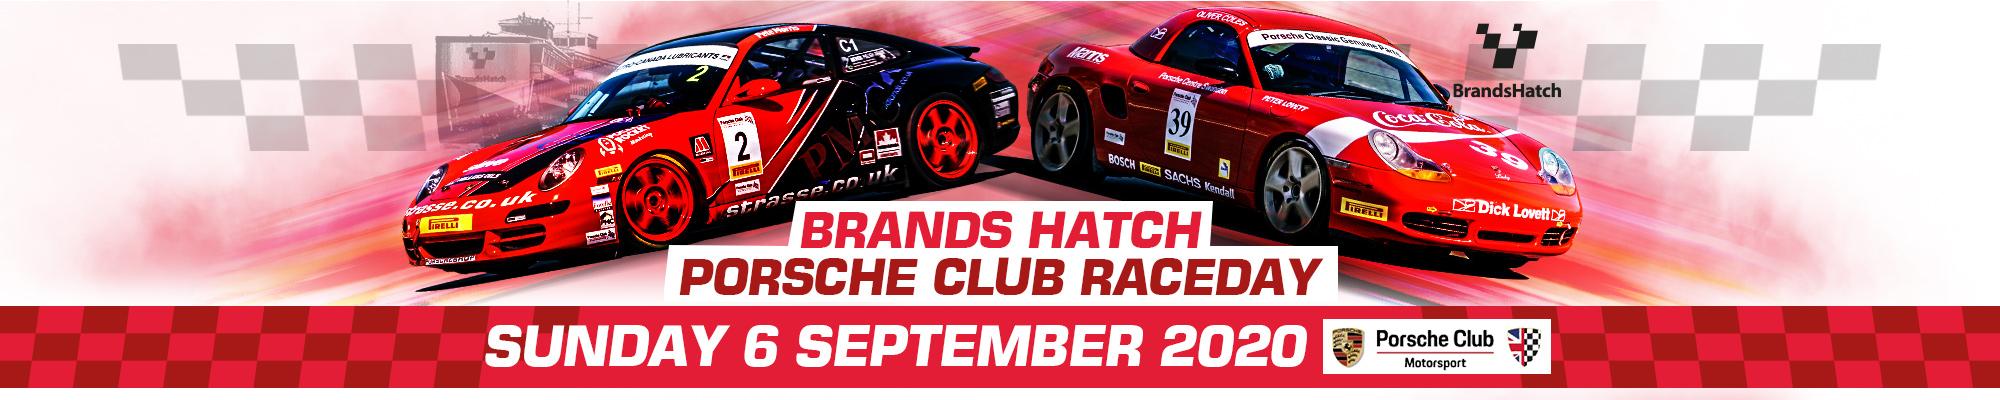 Porsche Club Raceday